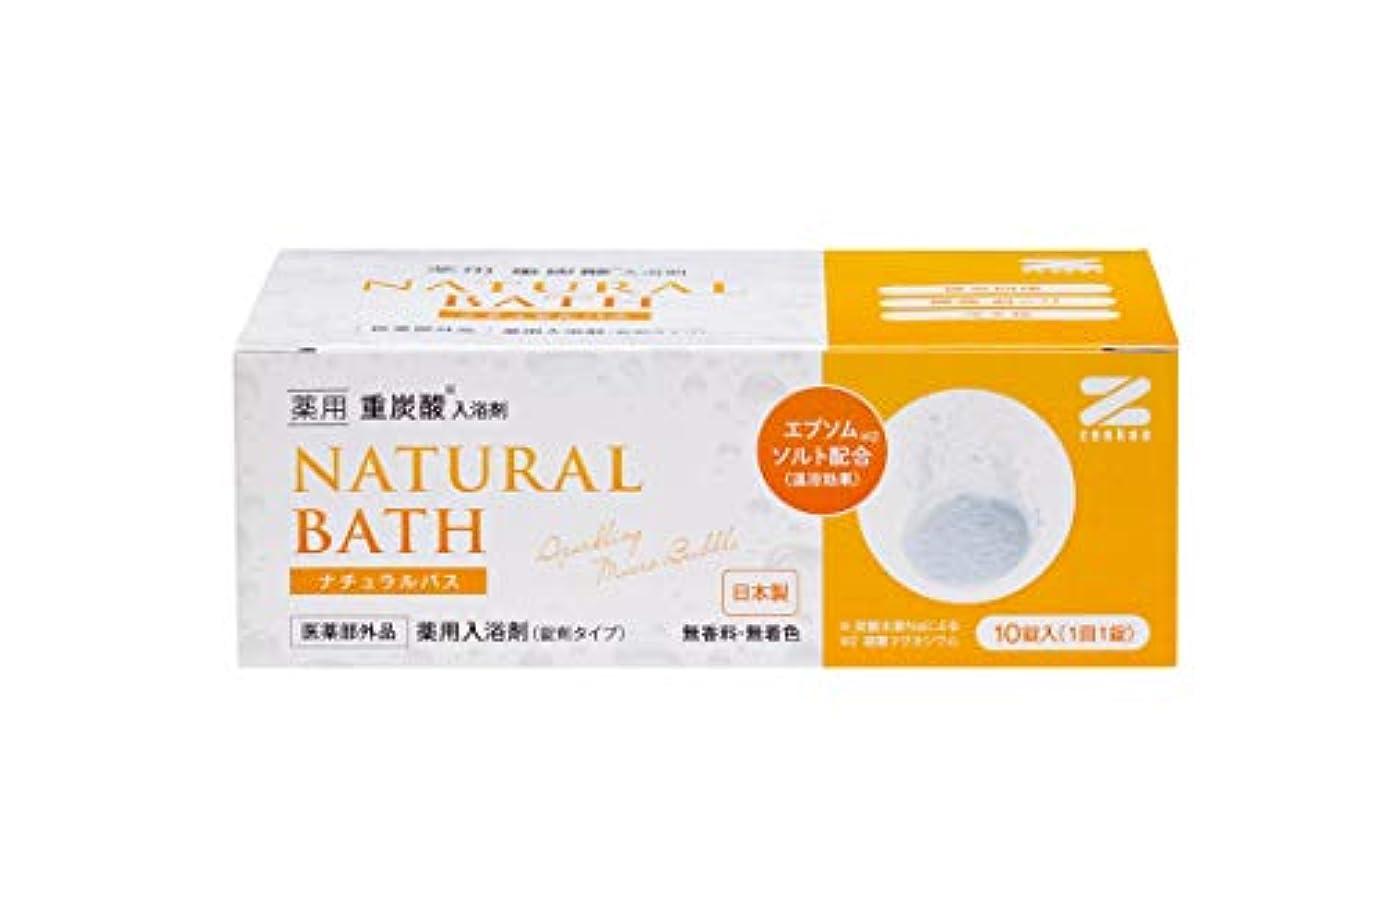 プレゼンテーションゆりミント薬用 重炭酸入浴剤 ナチュラルバス 10個入り ZNB-10